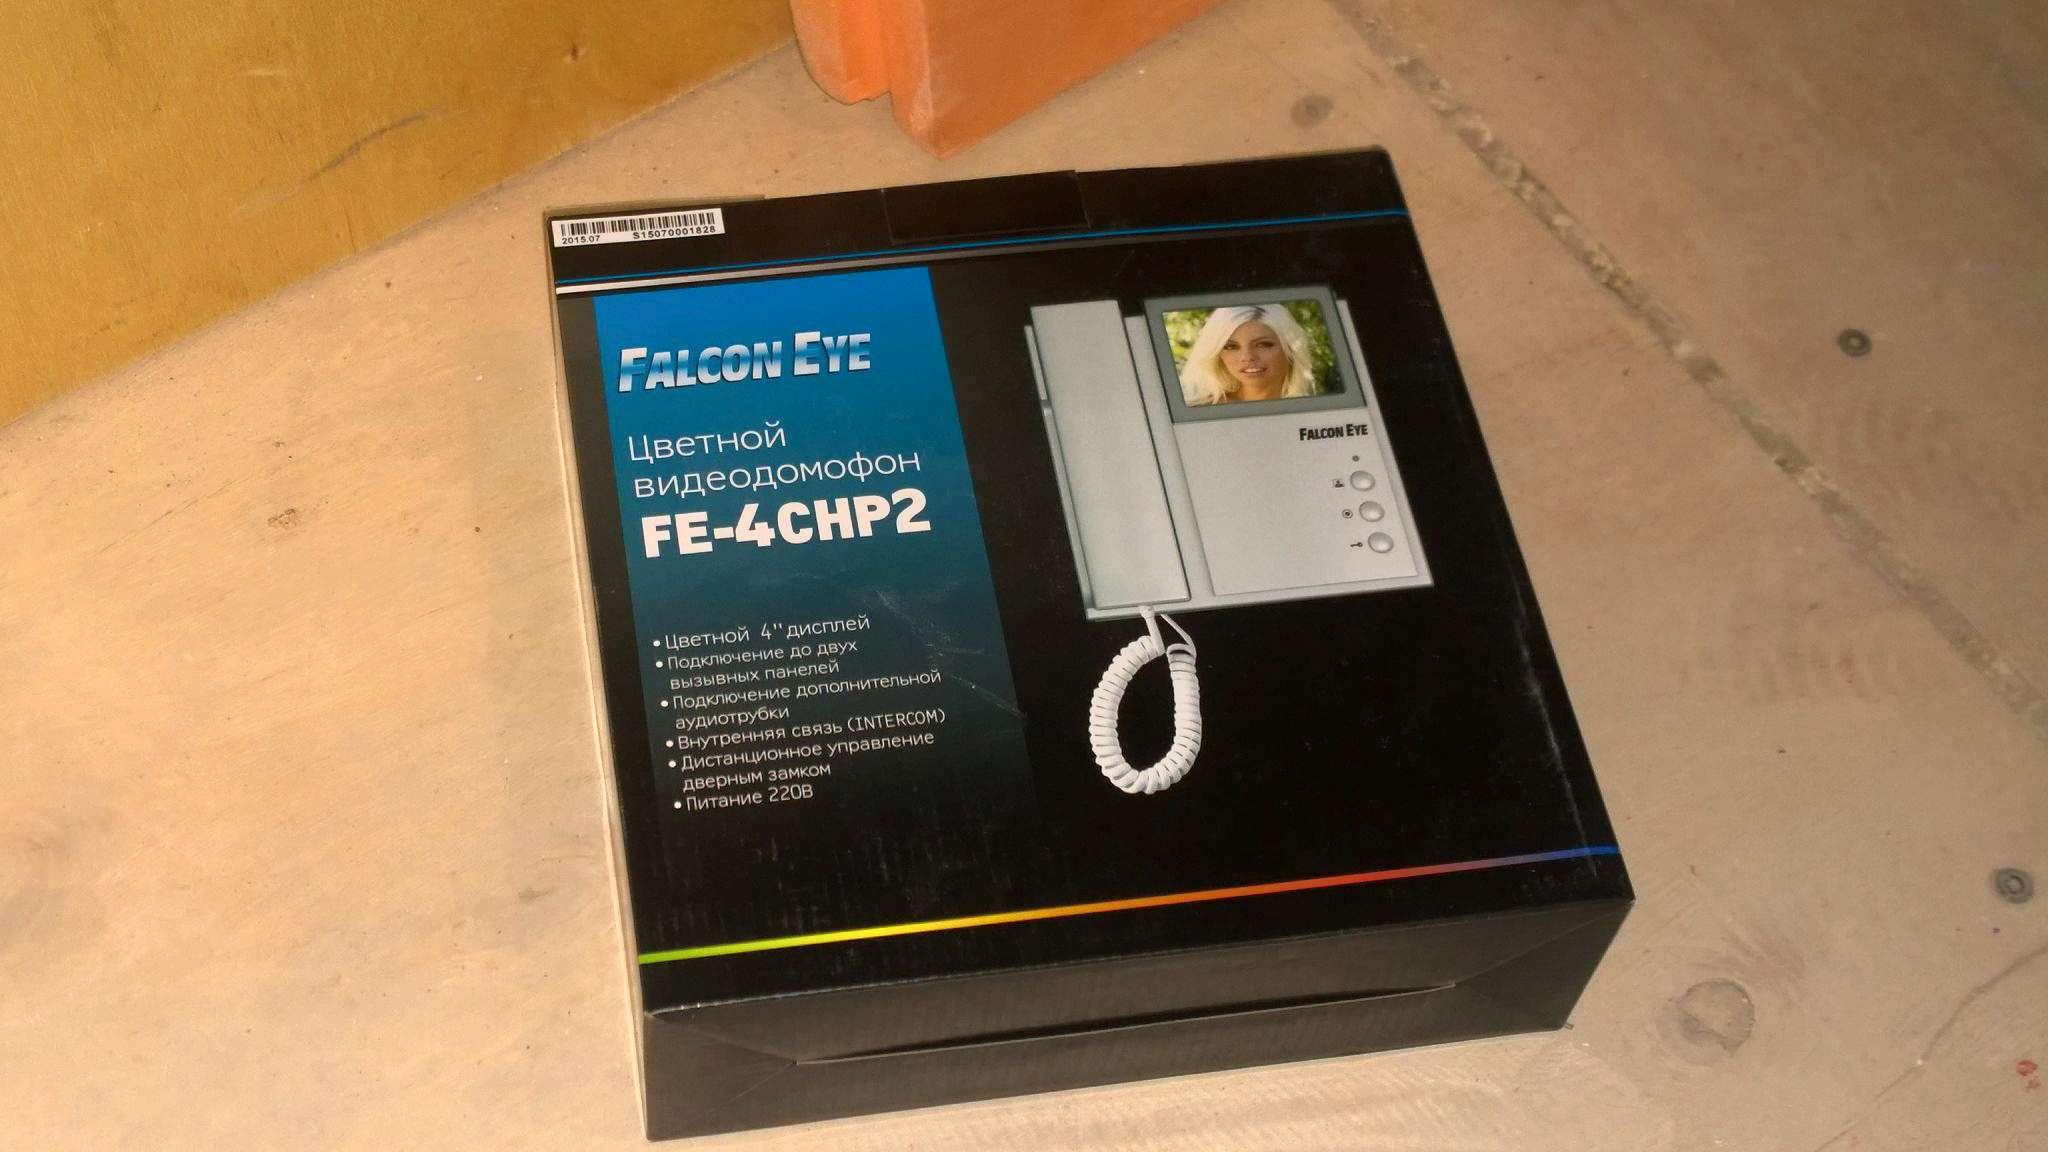 схема видеорегистратора falcon eye fe-240w